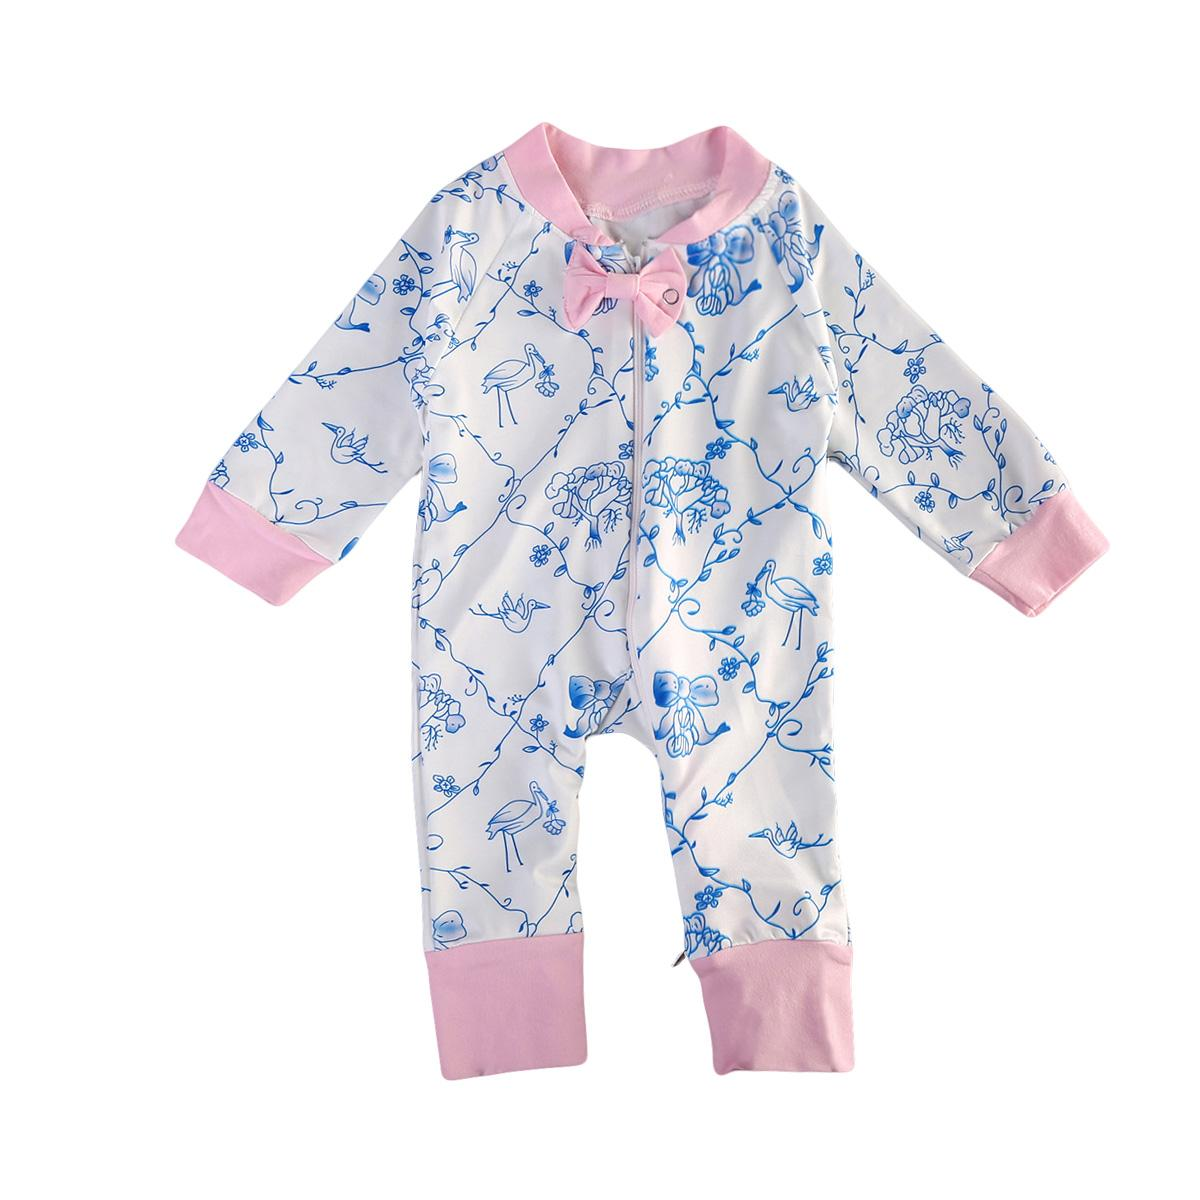 Nouveau-né bébé fille manches longues Floral Bow Romper Jumpsuit Automne Vêtements Outfit